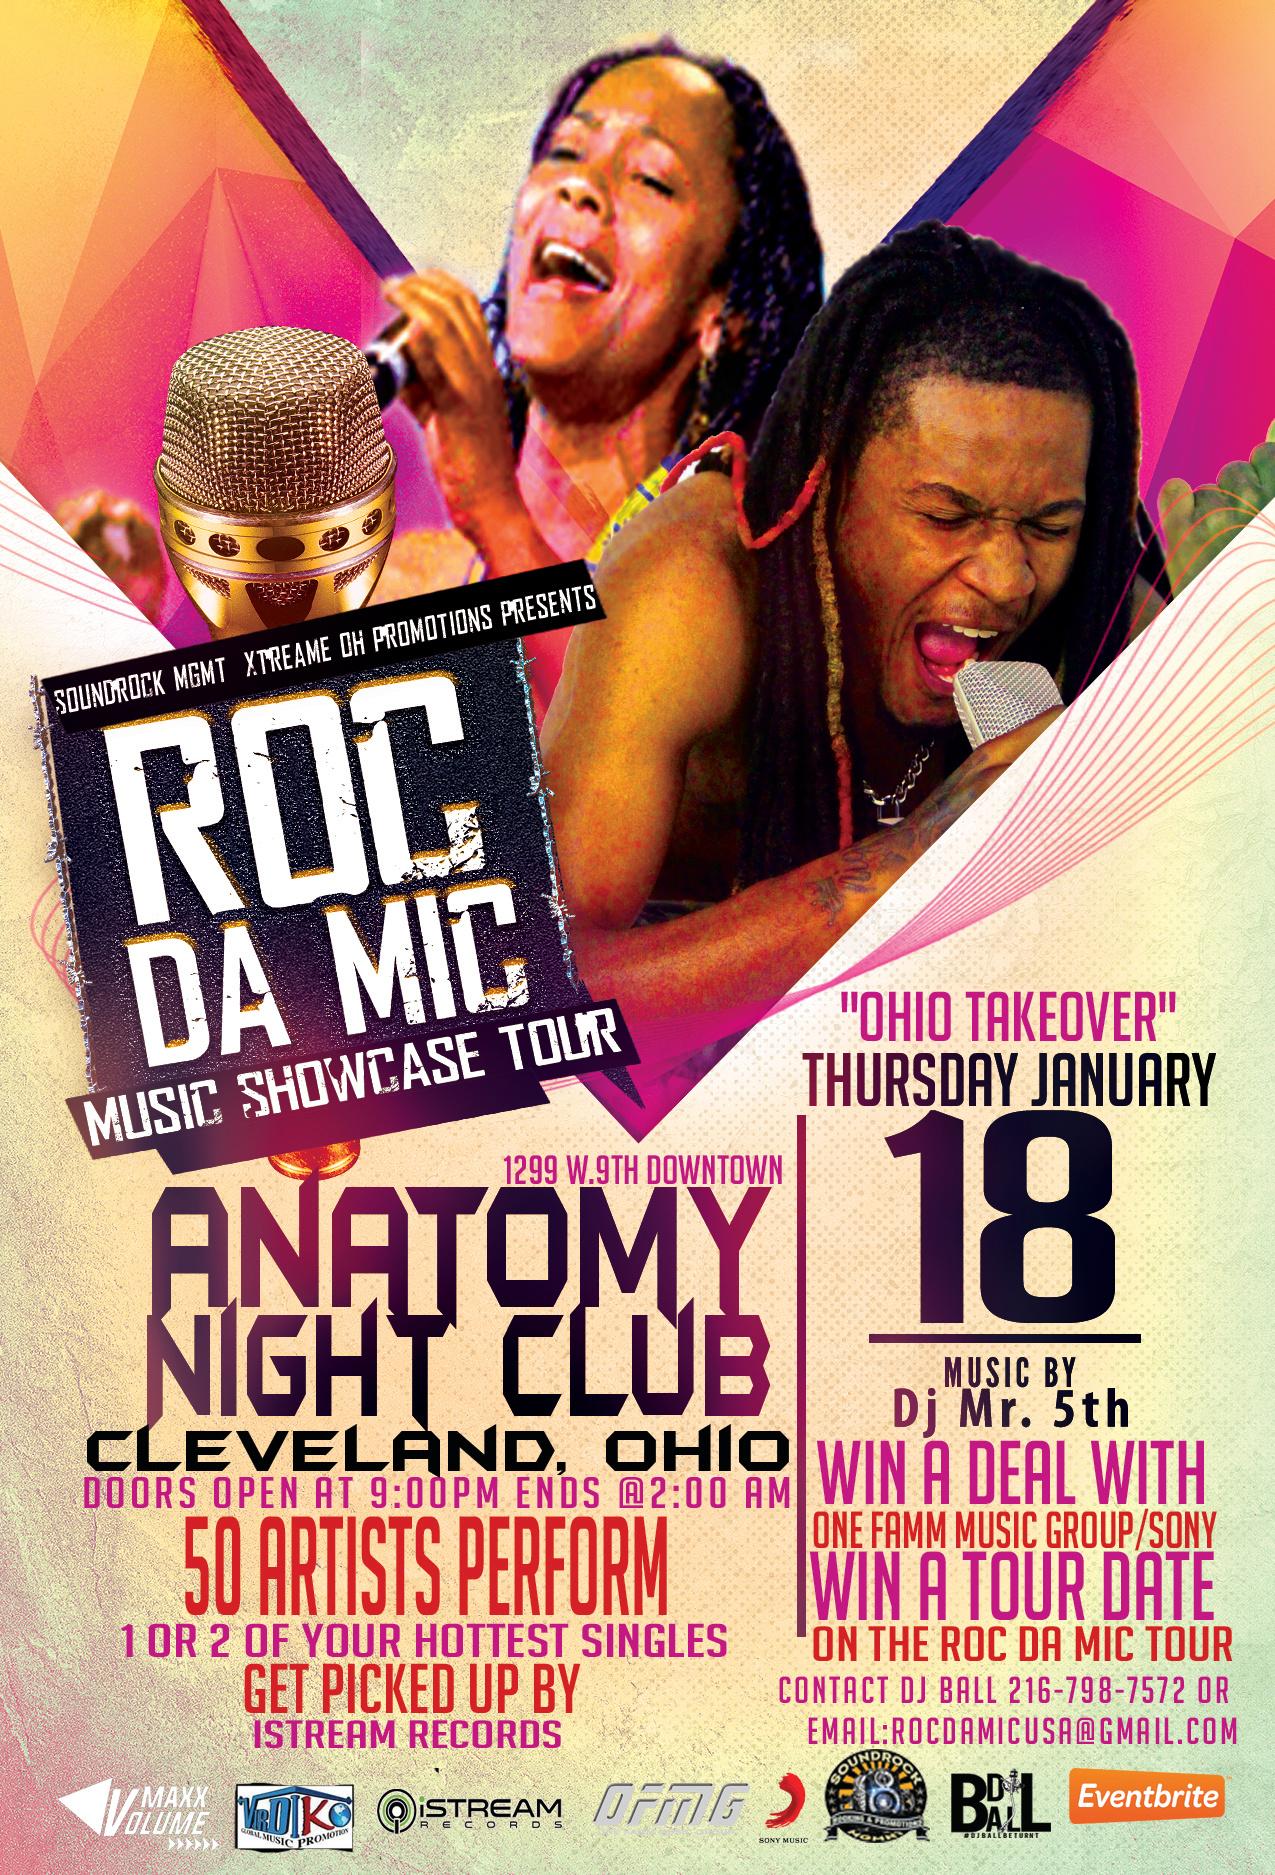 Ohio Roc Da Mic